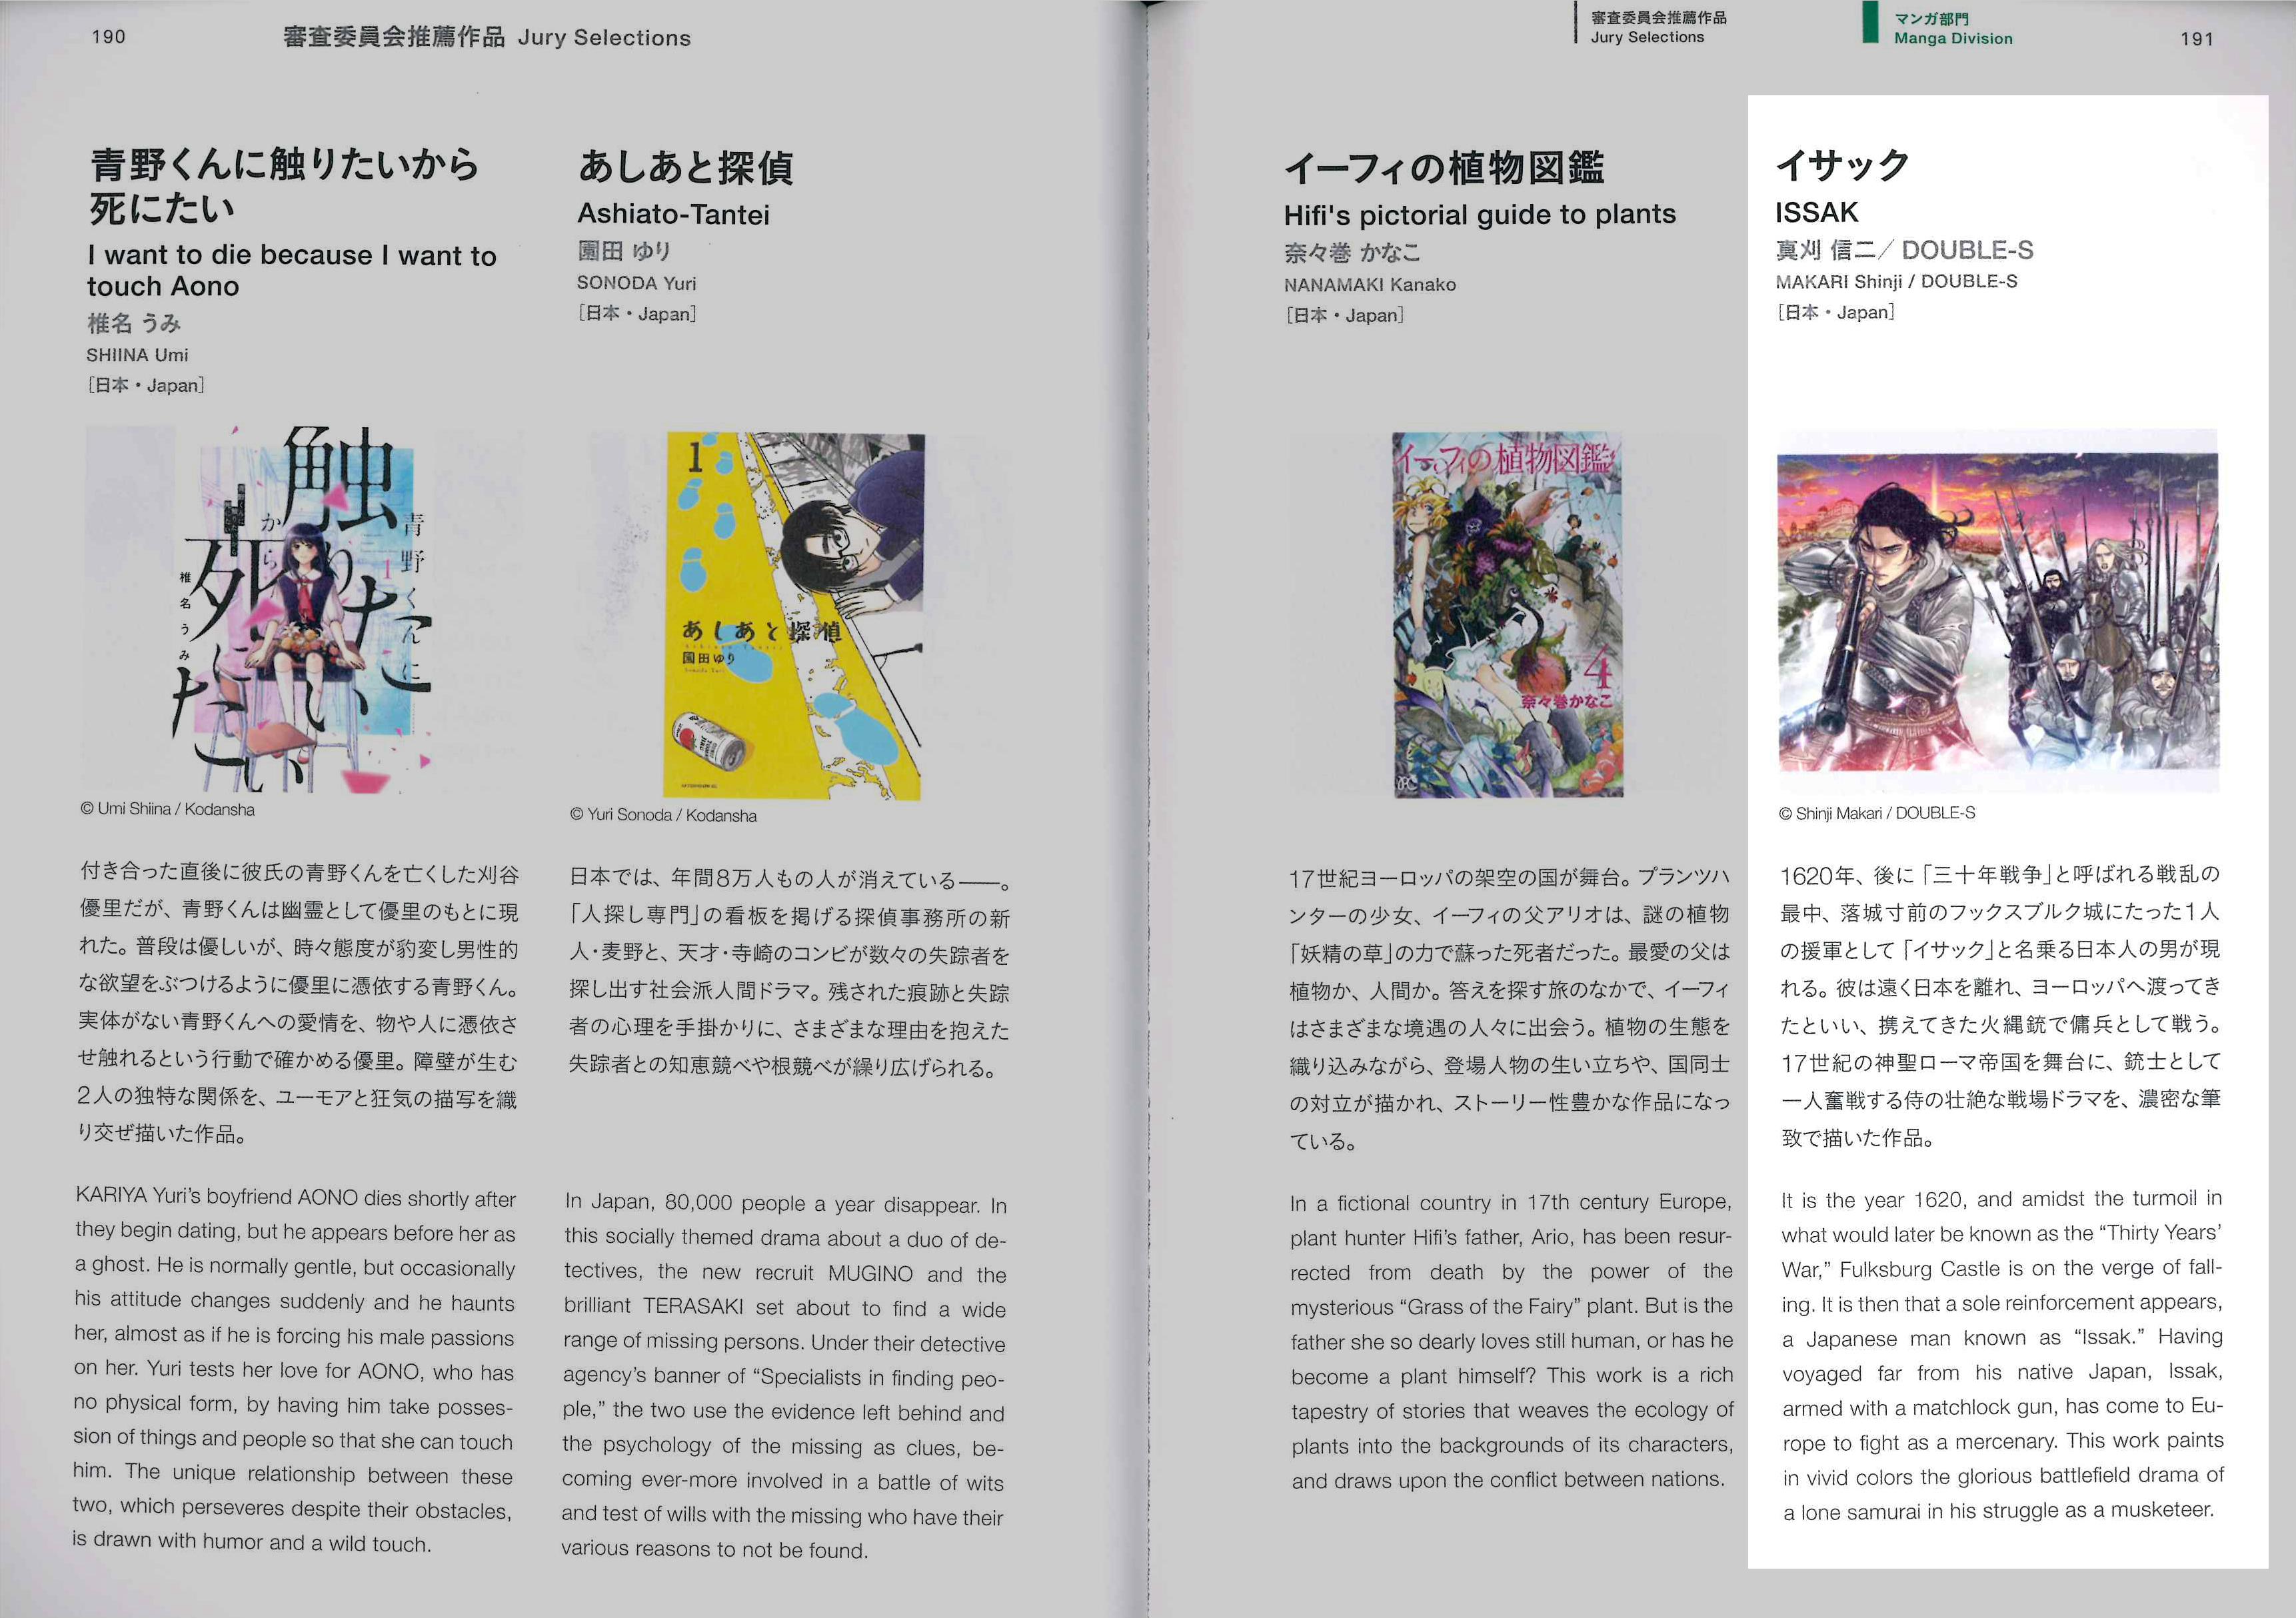 第21回文化庁メディア芸術祭受賞作品集掲載ページ